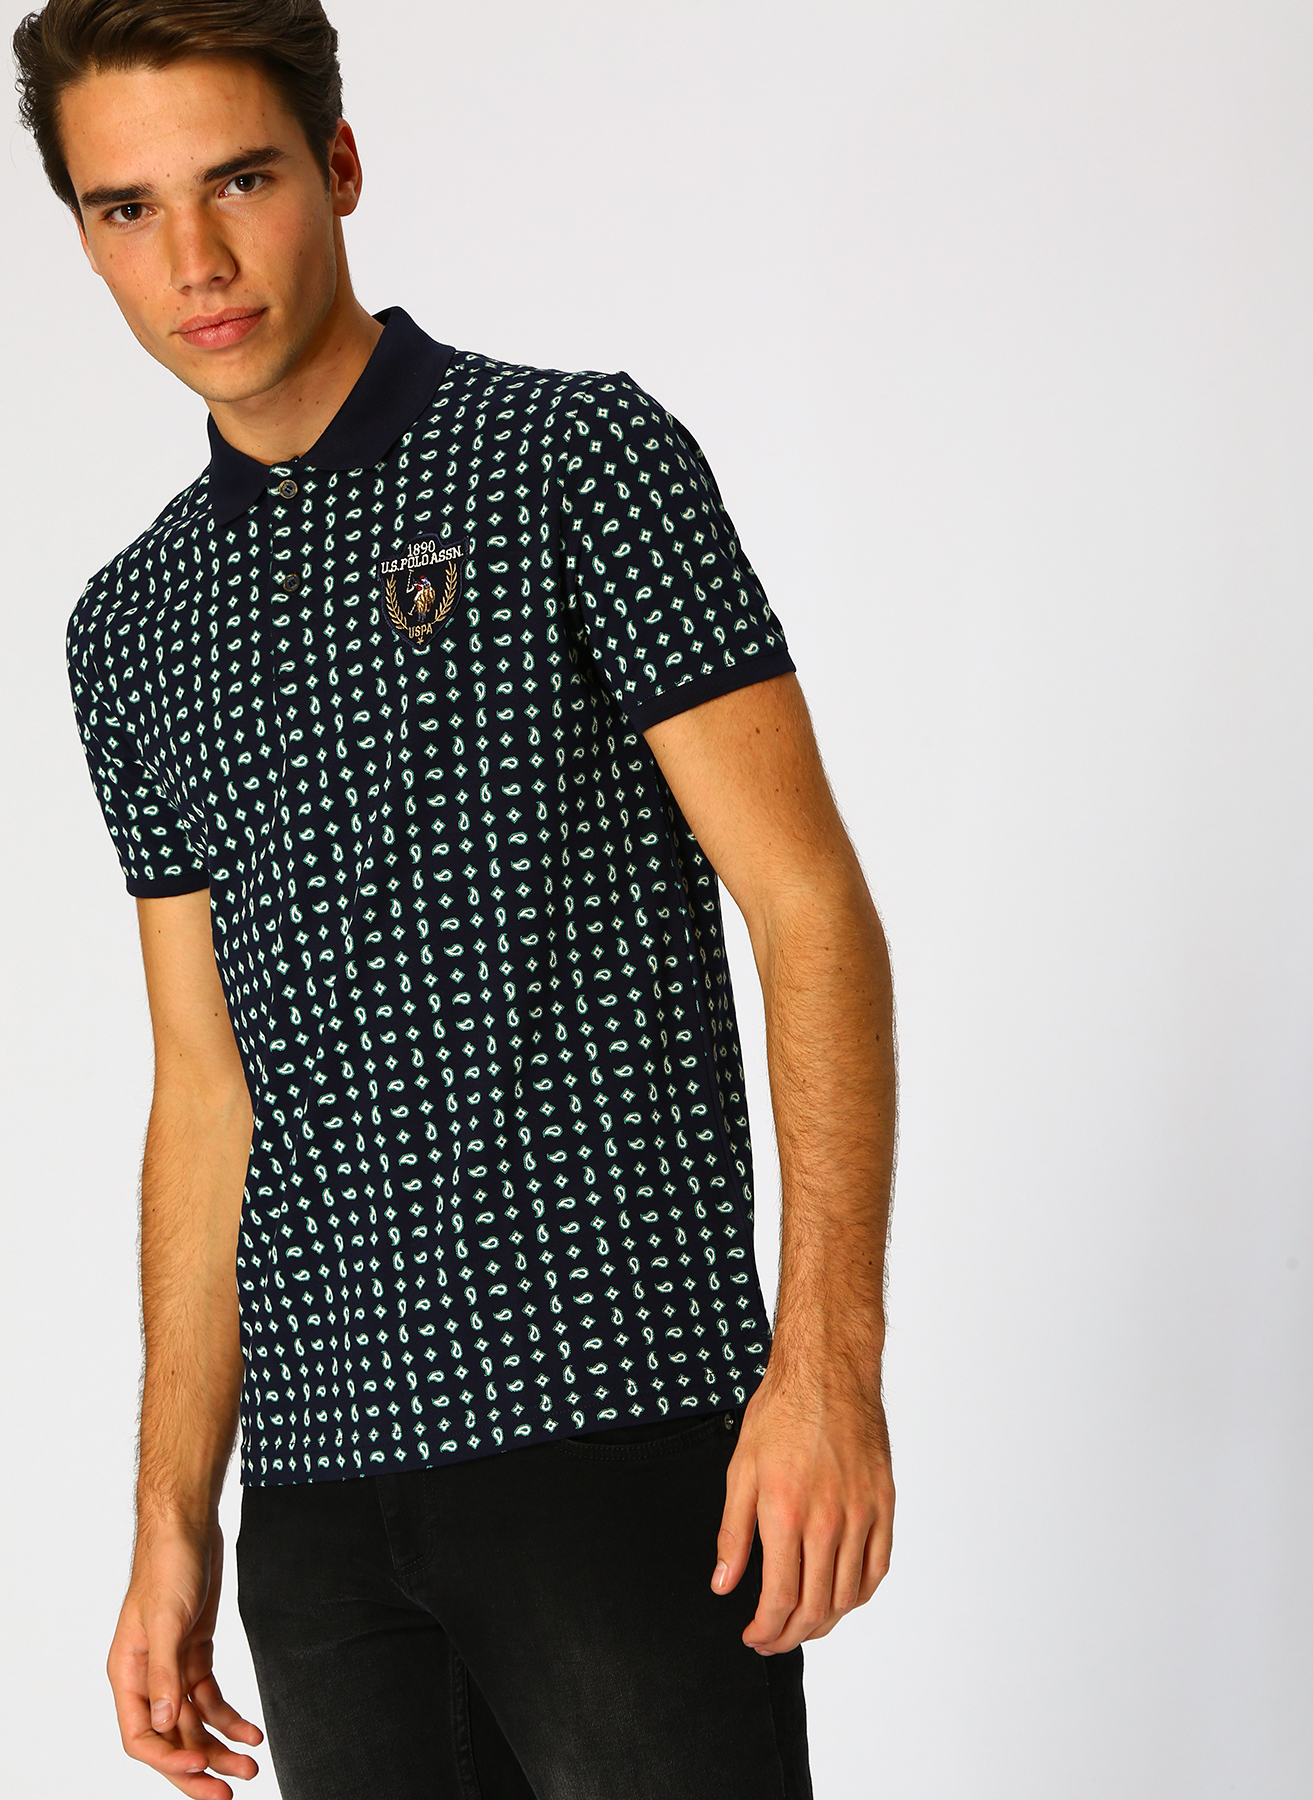 U.S. Polo Assn. T-Shirt S 5001704735002 Ürün Resmi